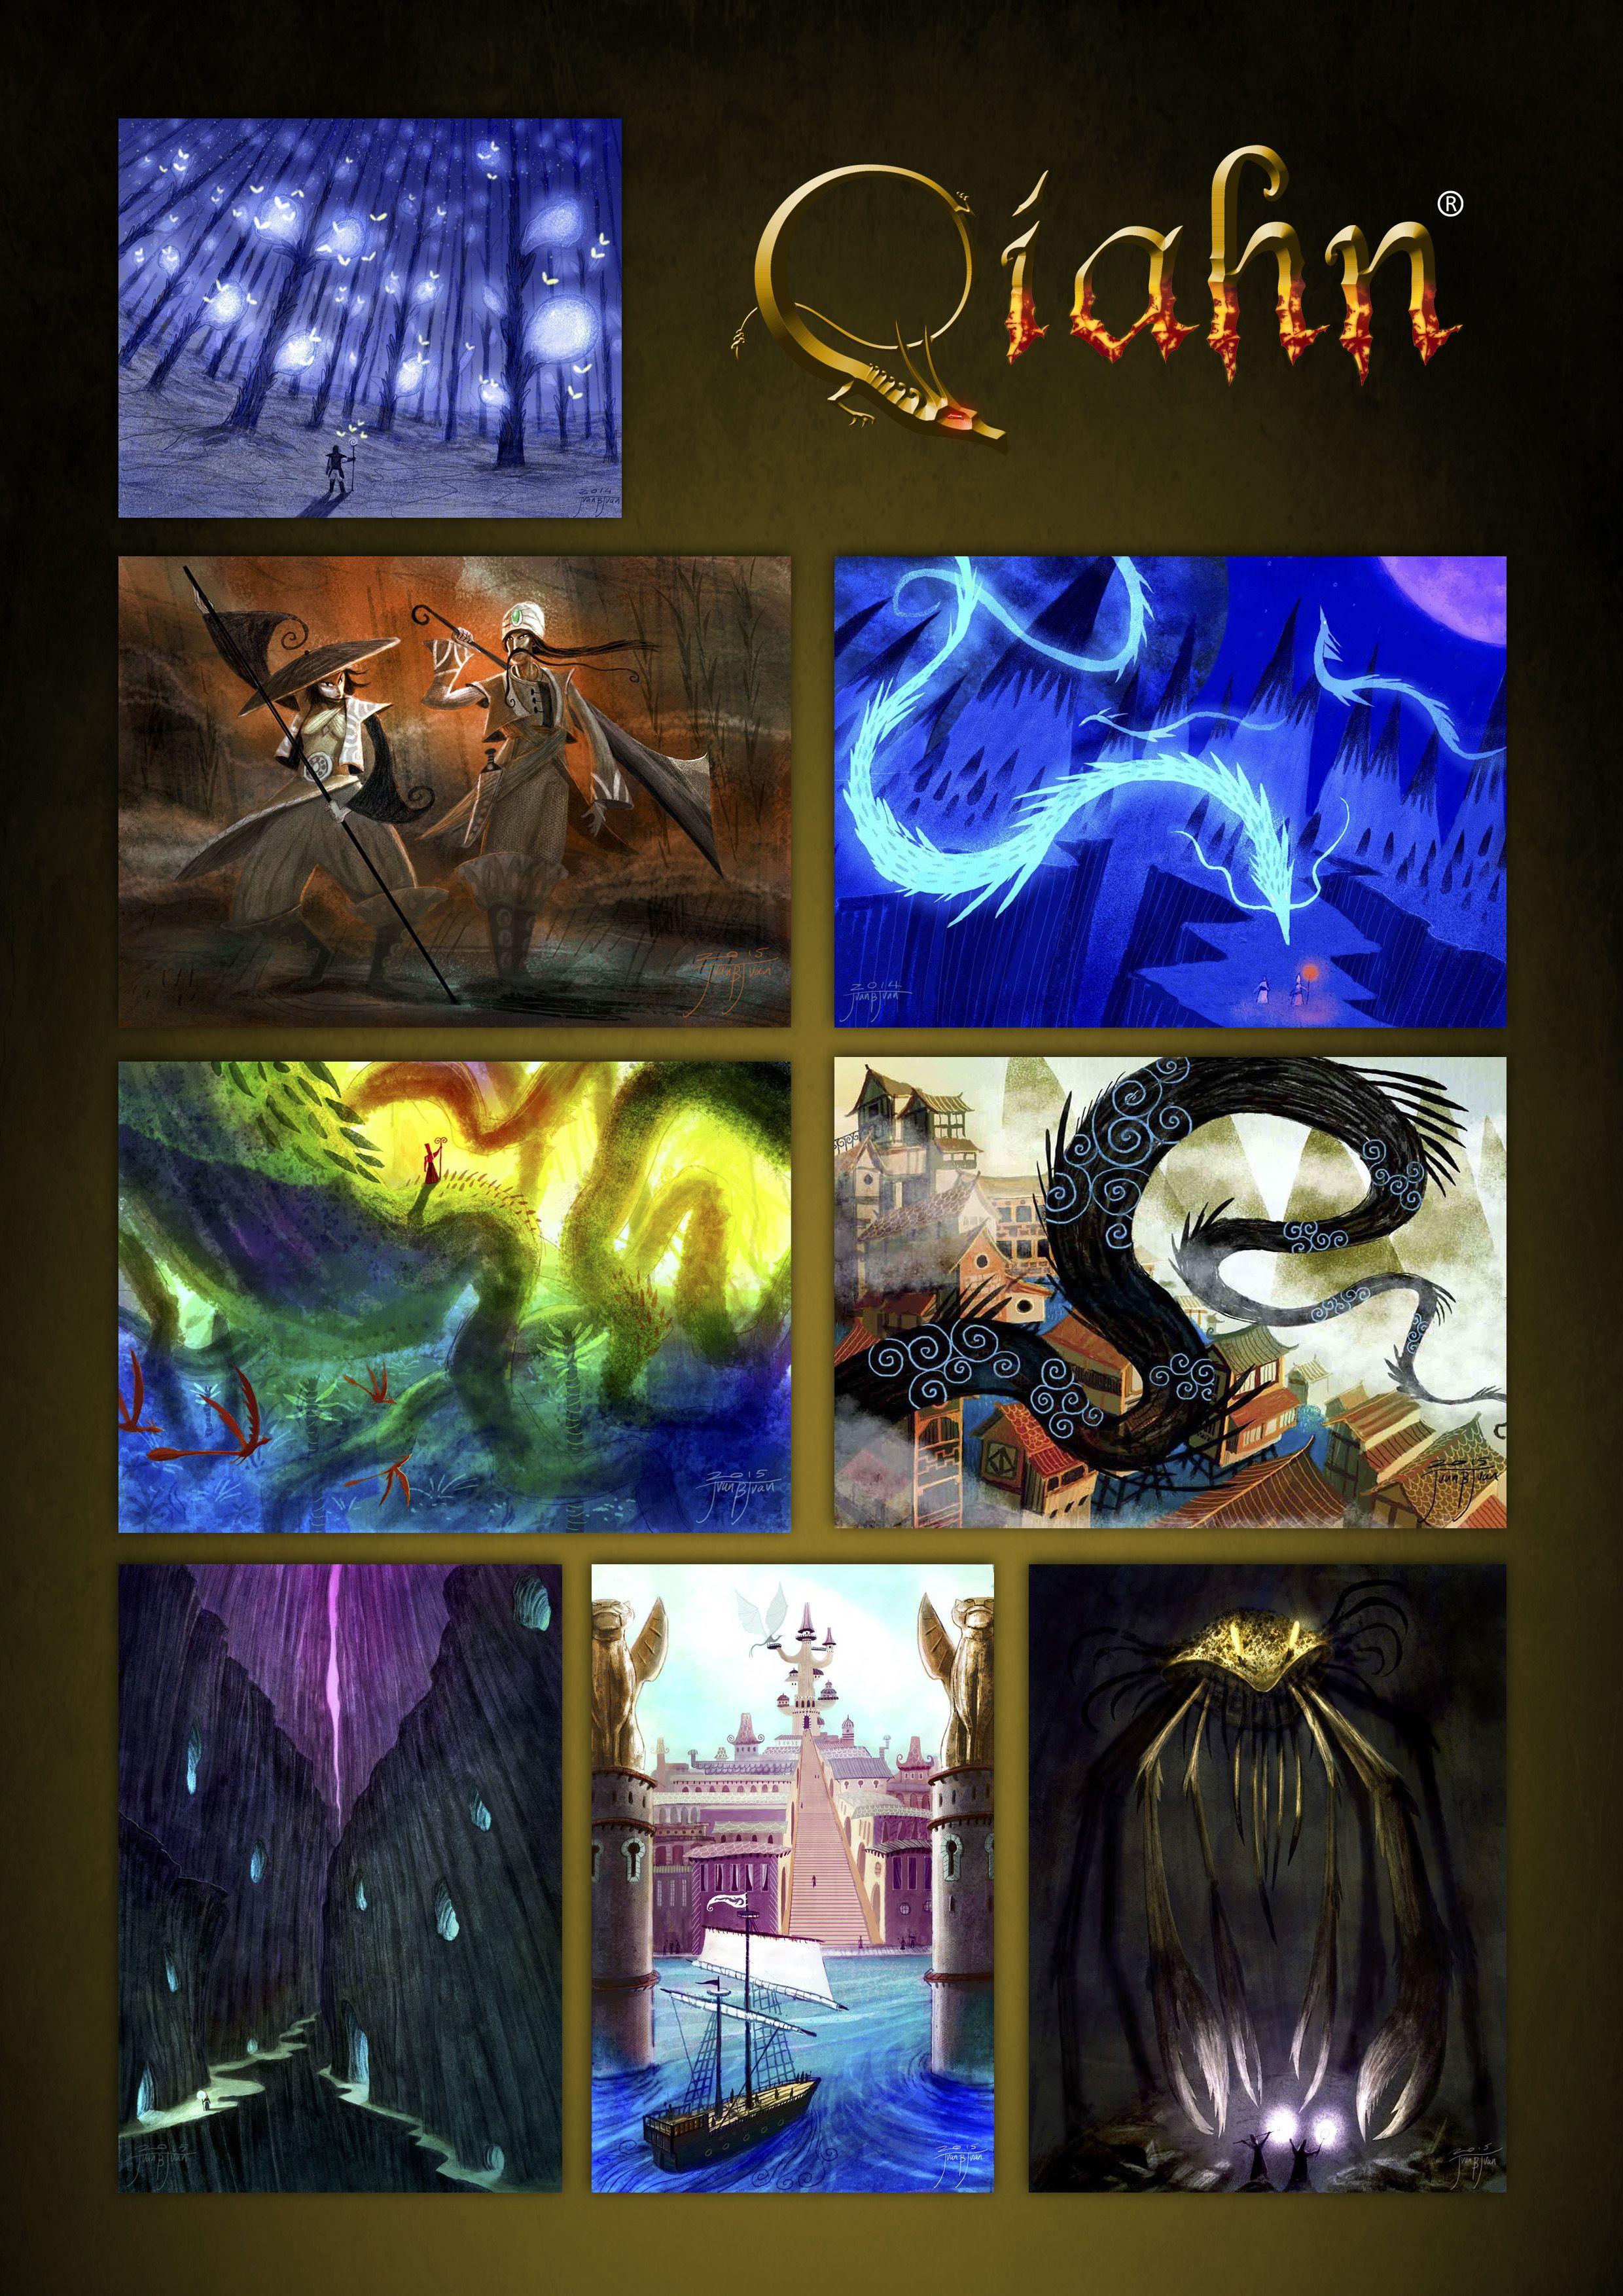 ilustracions de qiahn